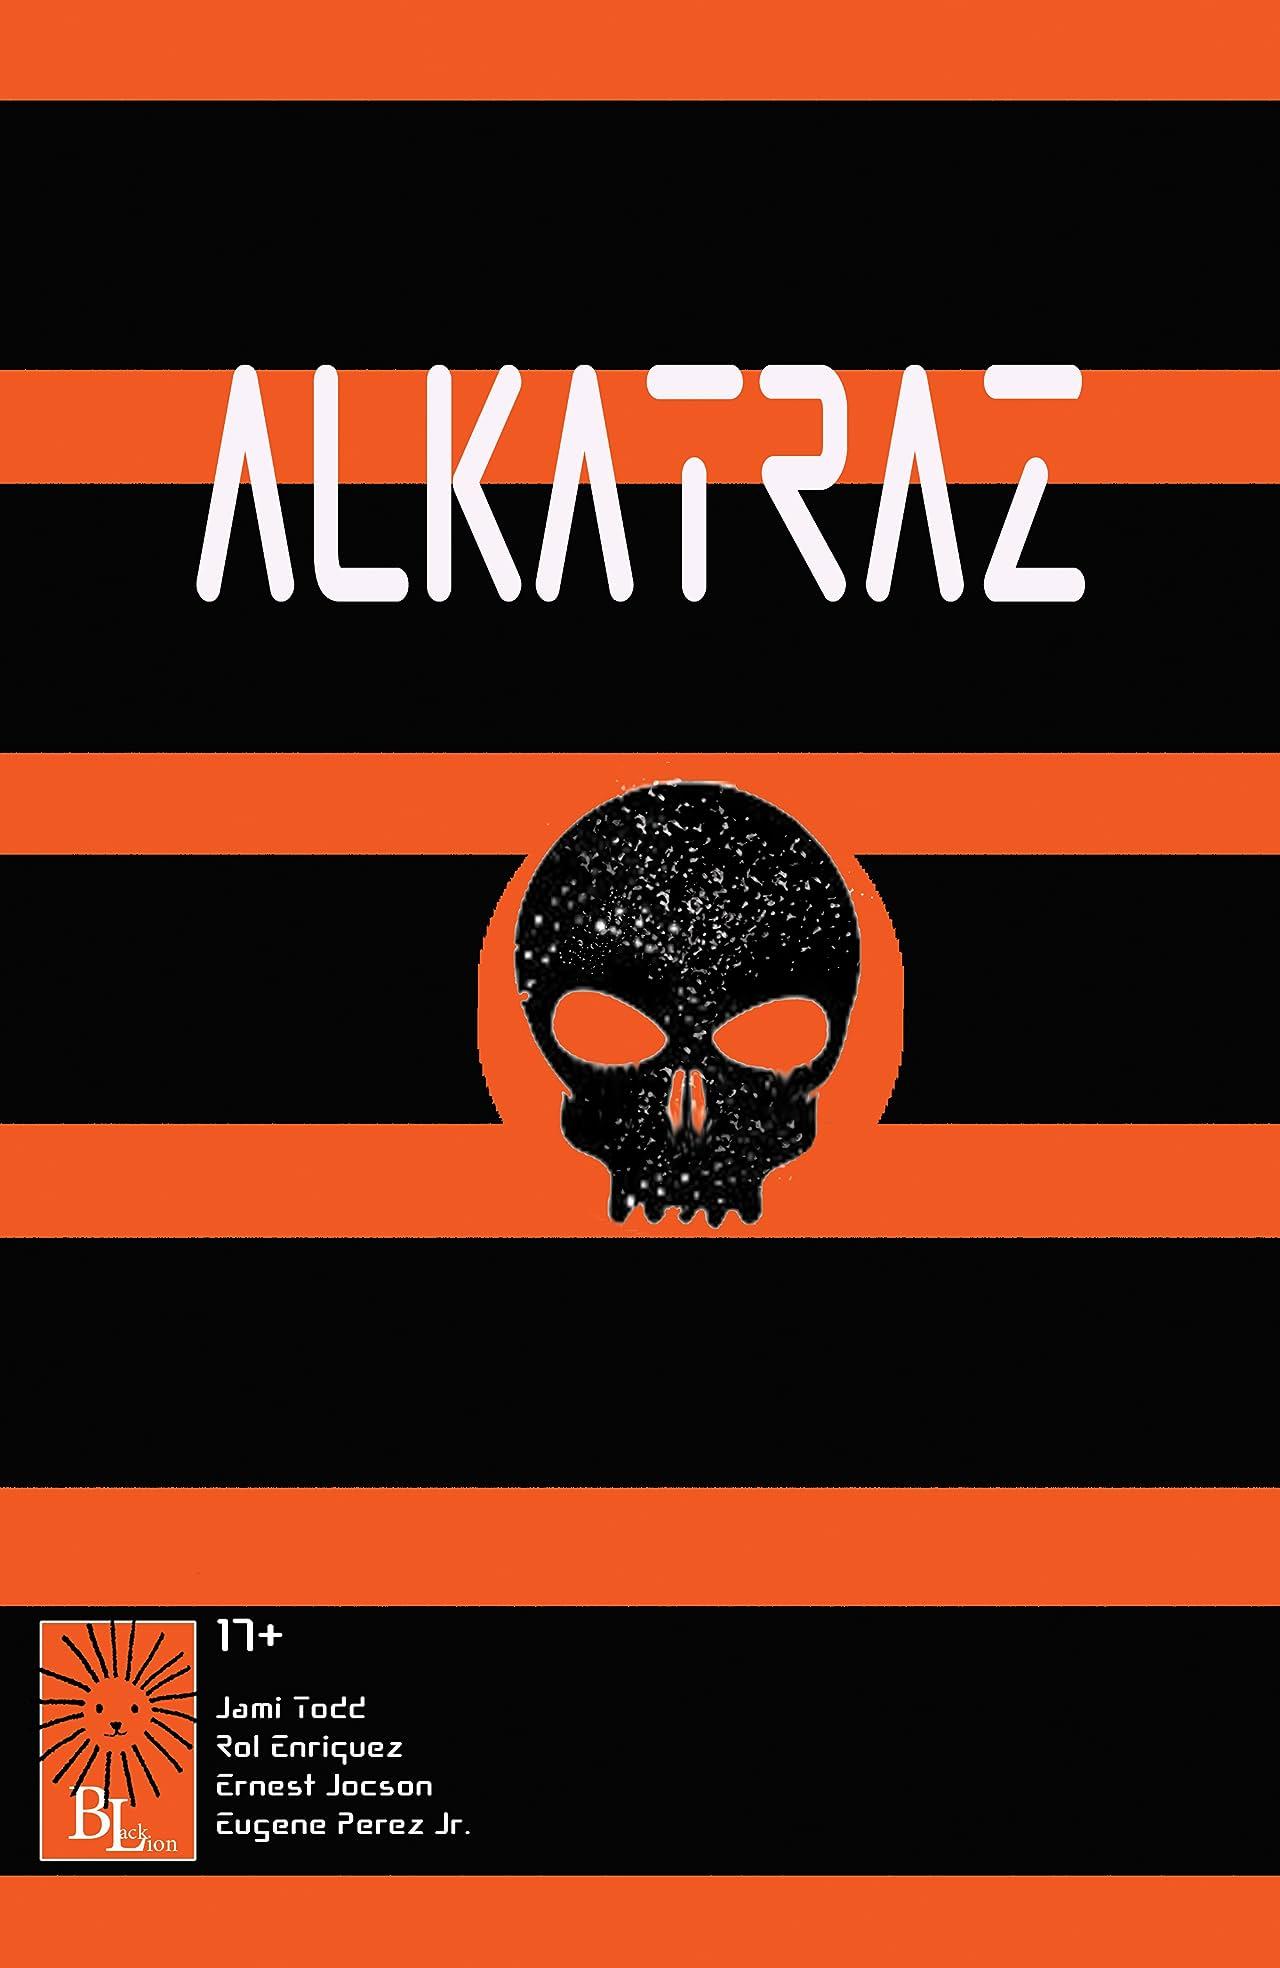 Alkatraz